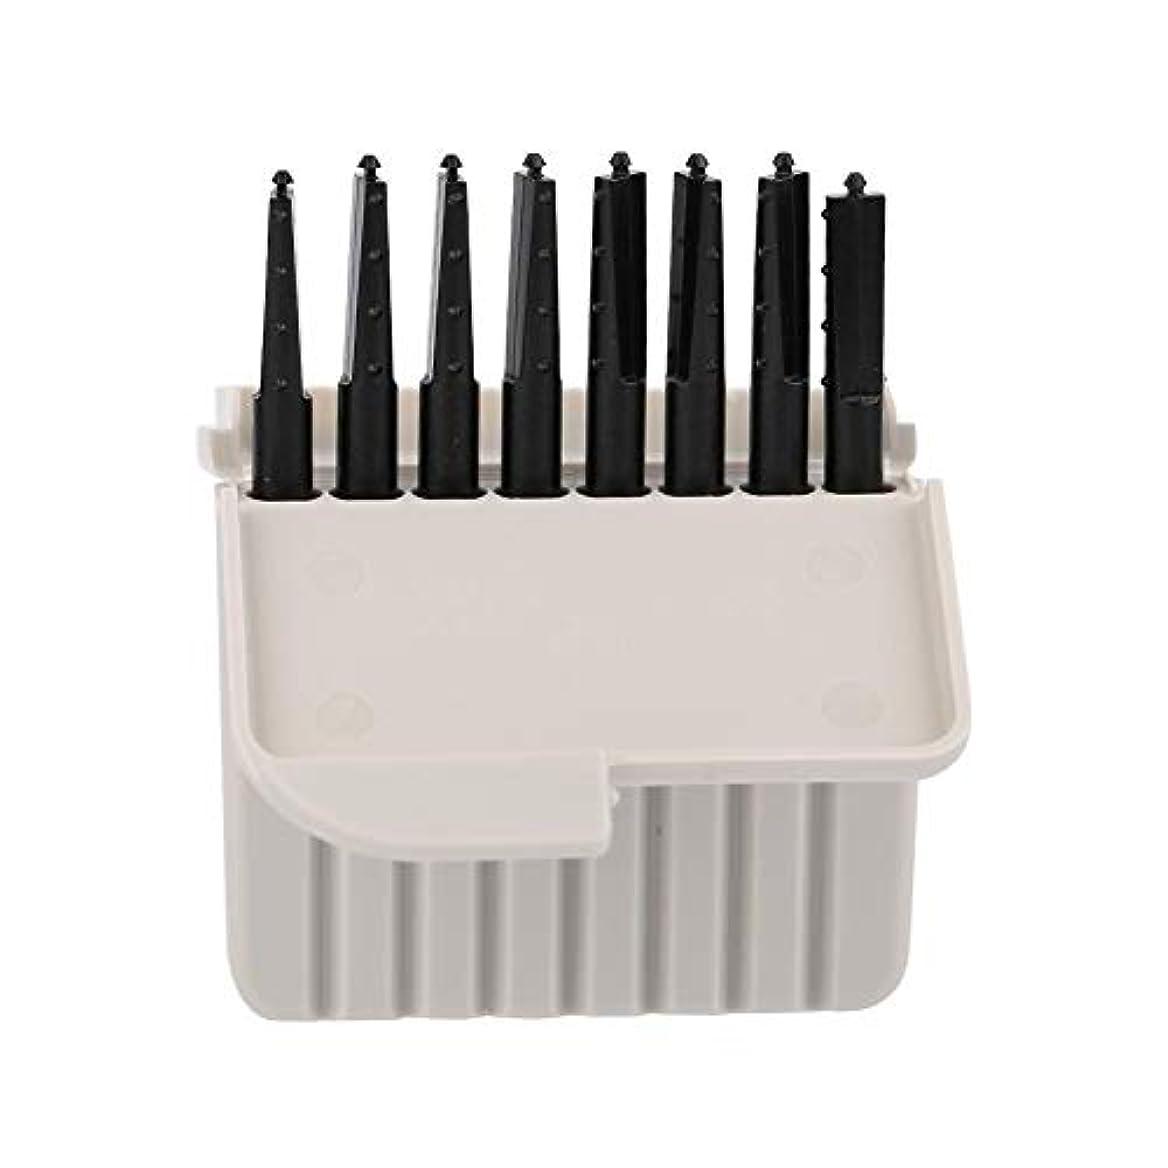 分析的なボルトコモランマSemmeワックスガード、8個使い捨てEarwaxフィルター補聴器アクセサリーワックスプロテクタークリーニングセット